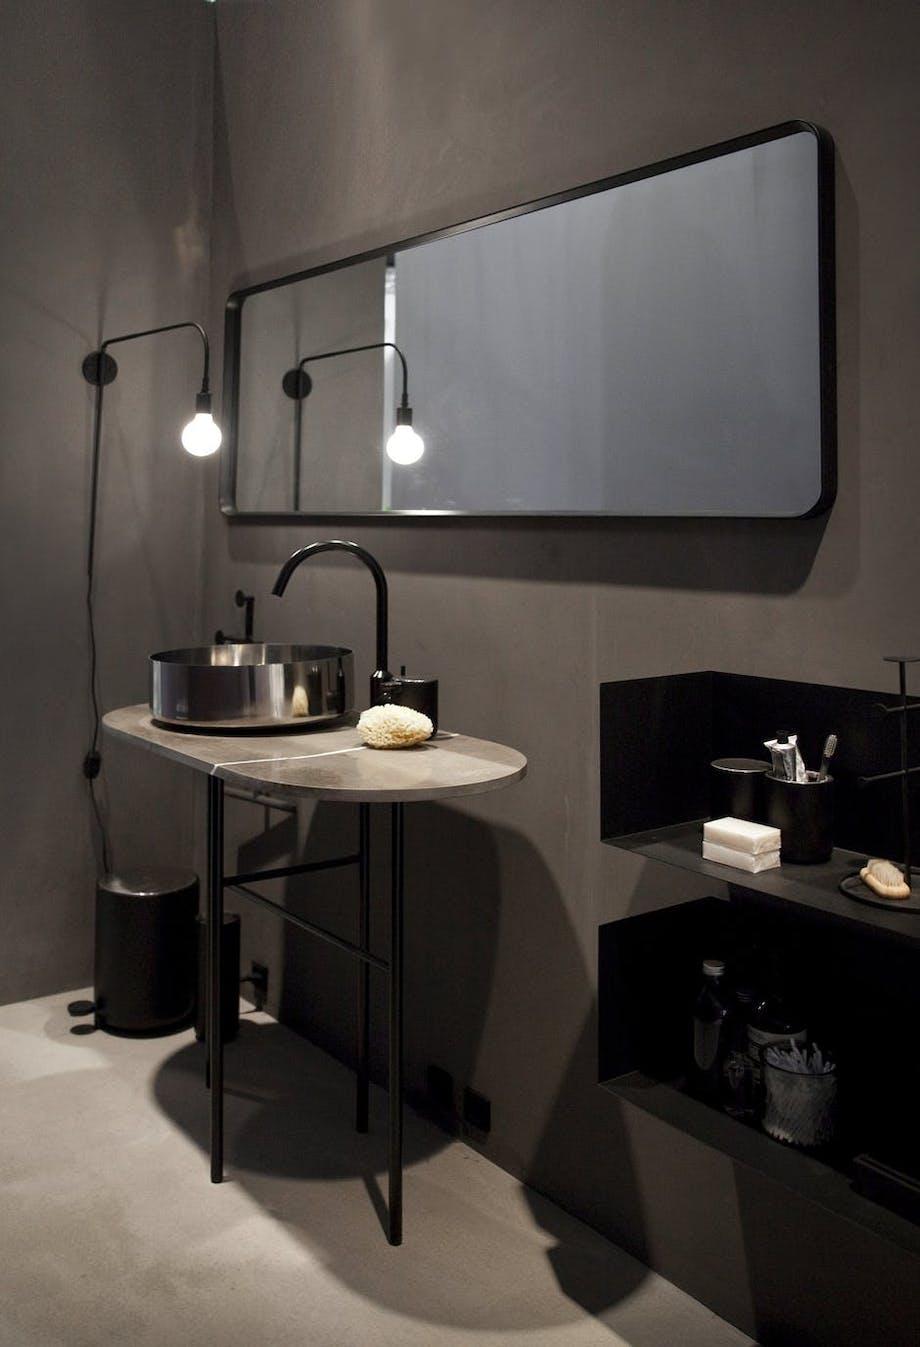 Menu badeværelse indretning lampe spejl vask